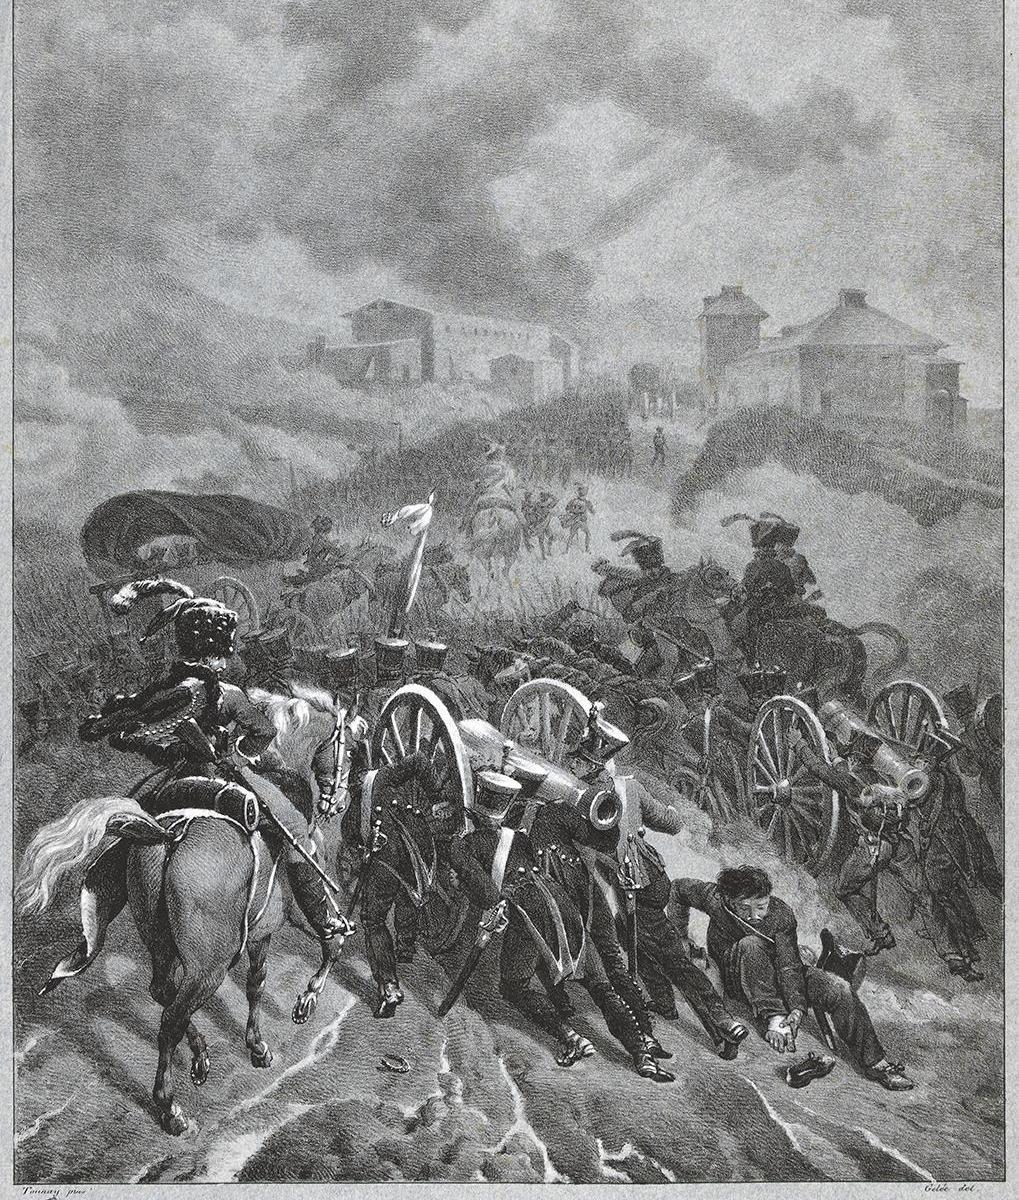 Passage de la Guadarana [sic] par l'armée française en Espagne